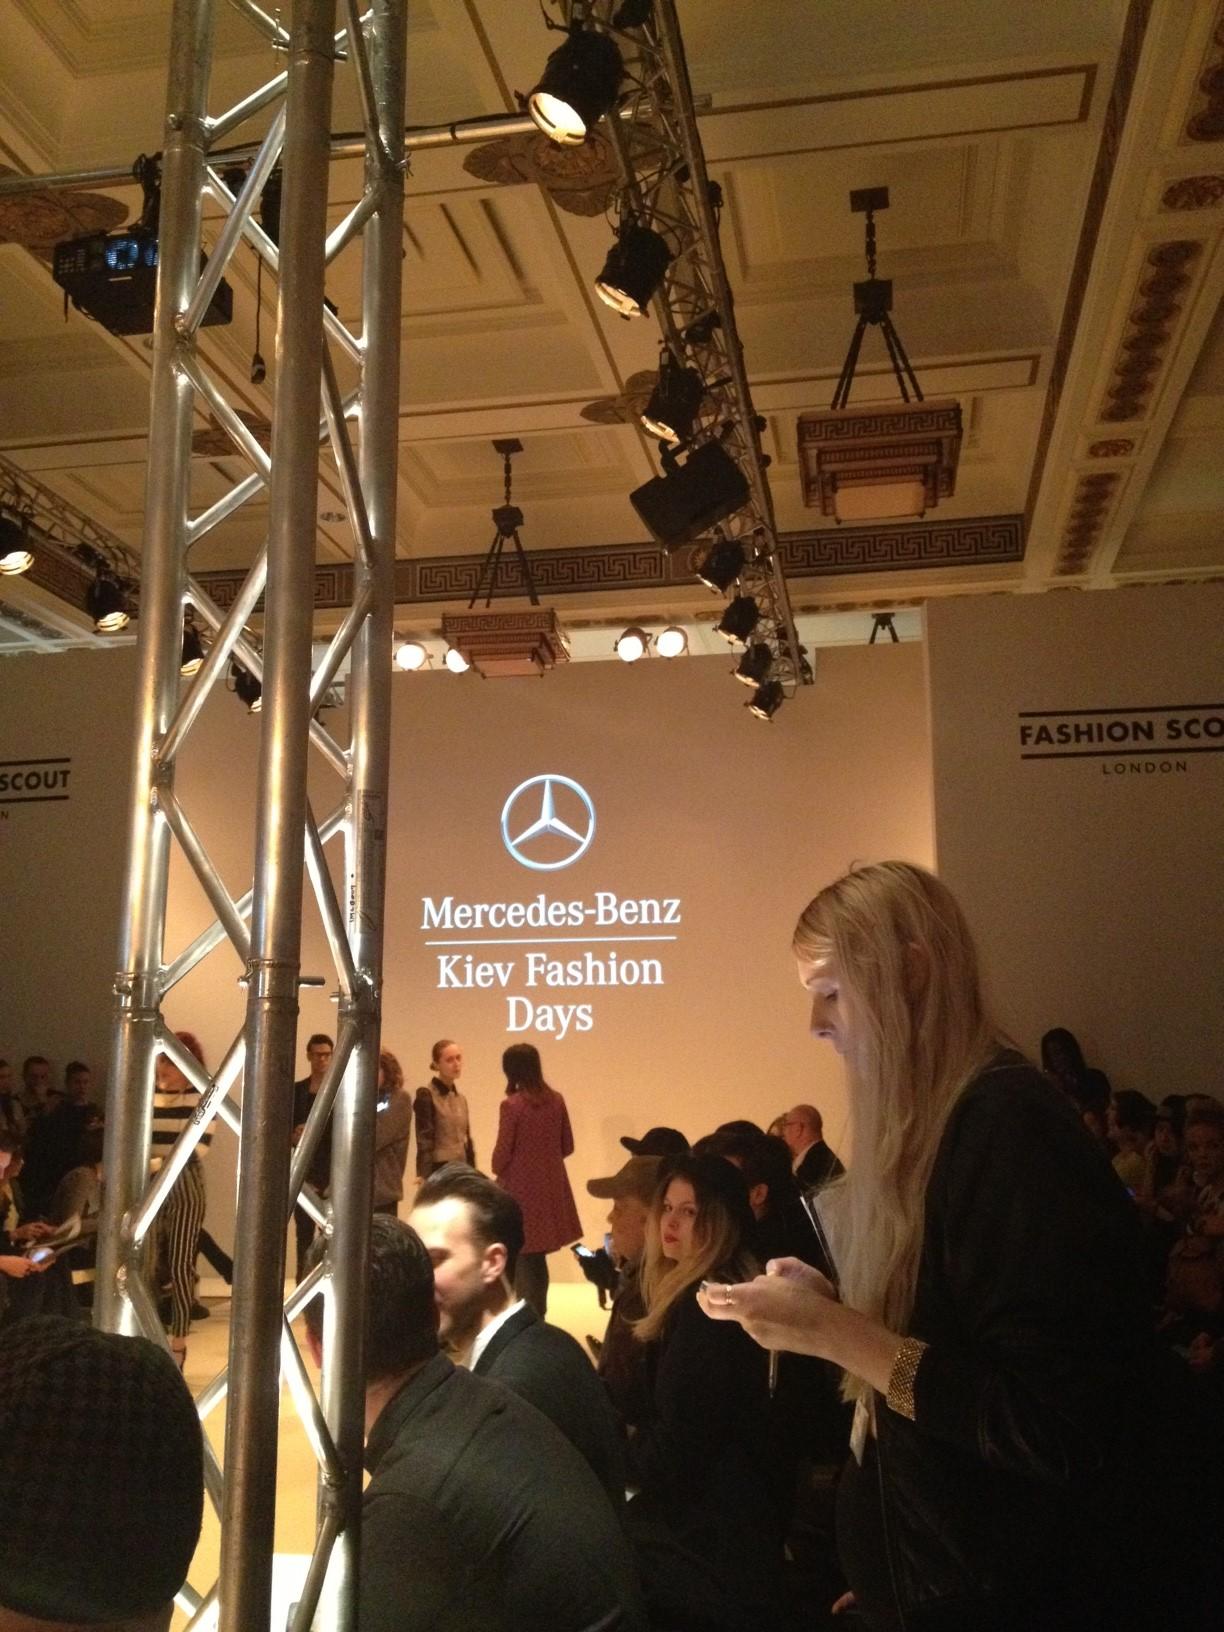 LFW – Mercedes-Benz Kiev Fashion Days A/W 2013 show